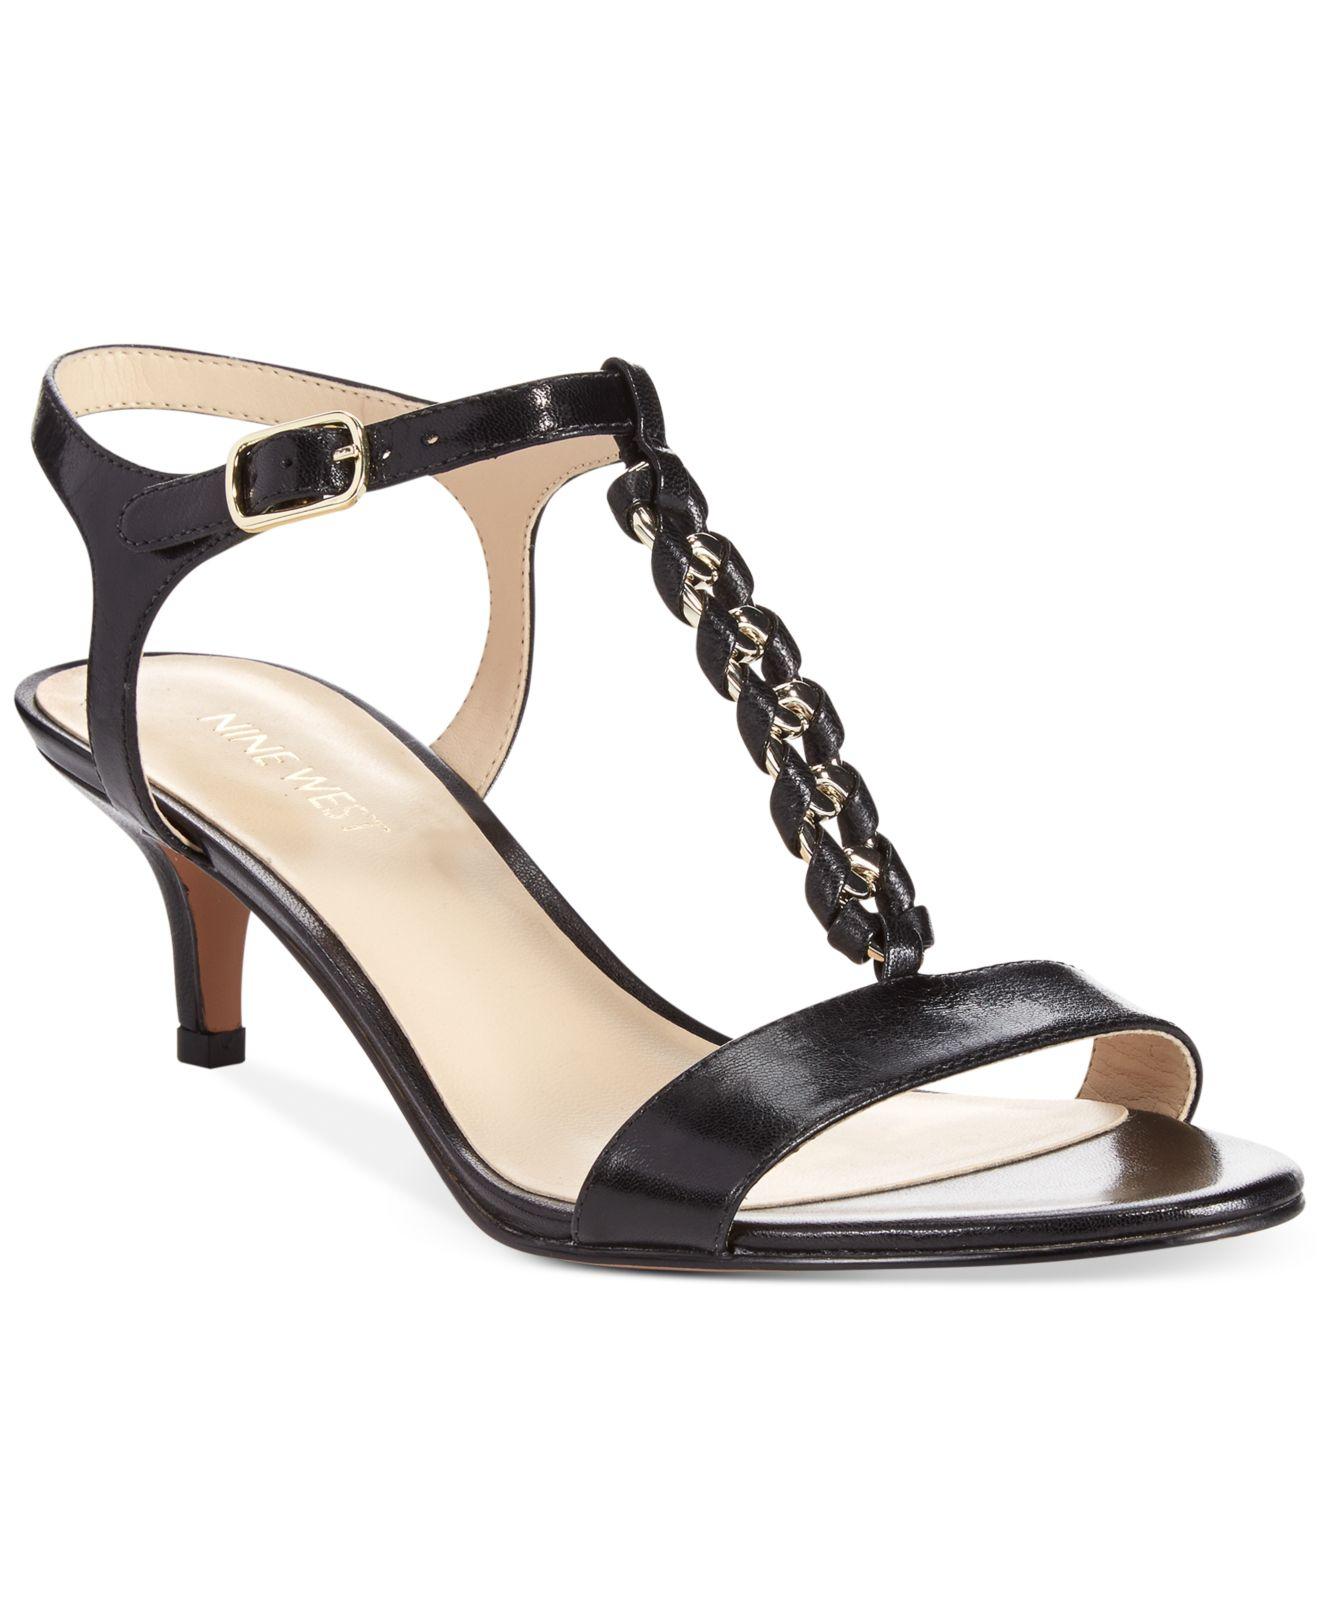 36cf8bfbc81 Lyst Nine West Yocelin Low Heel Dress Sandals in Black